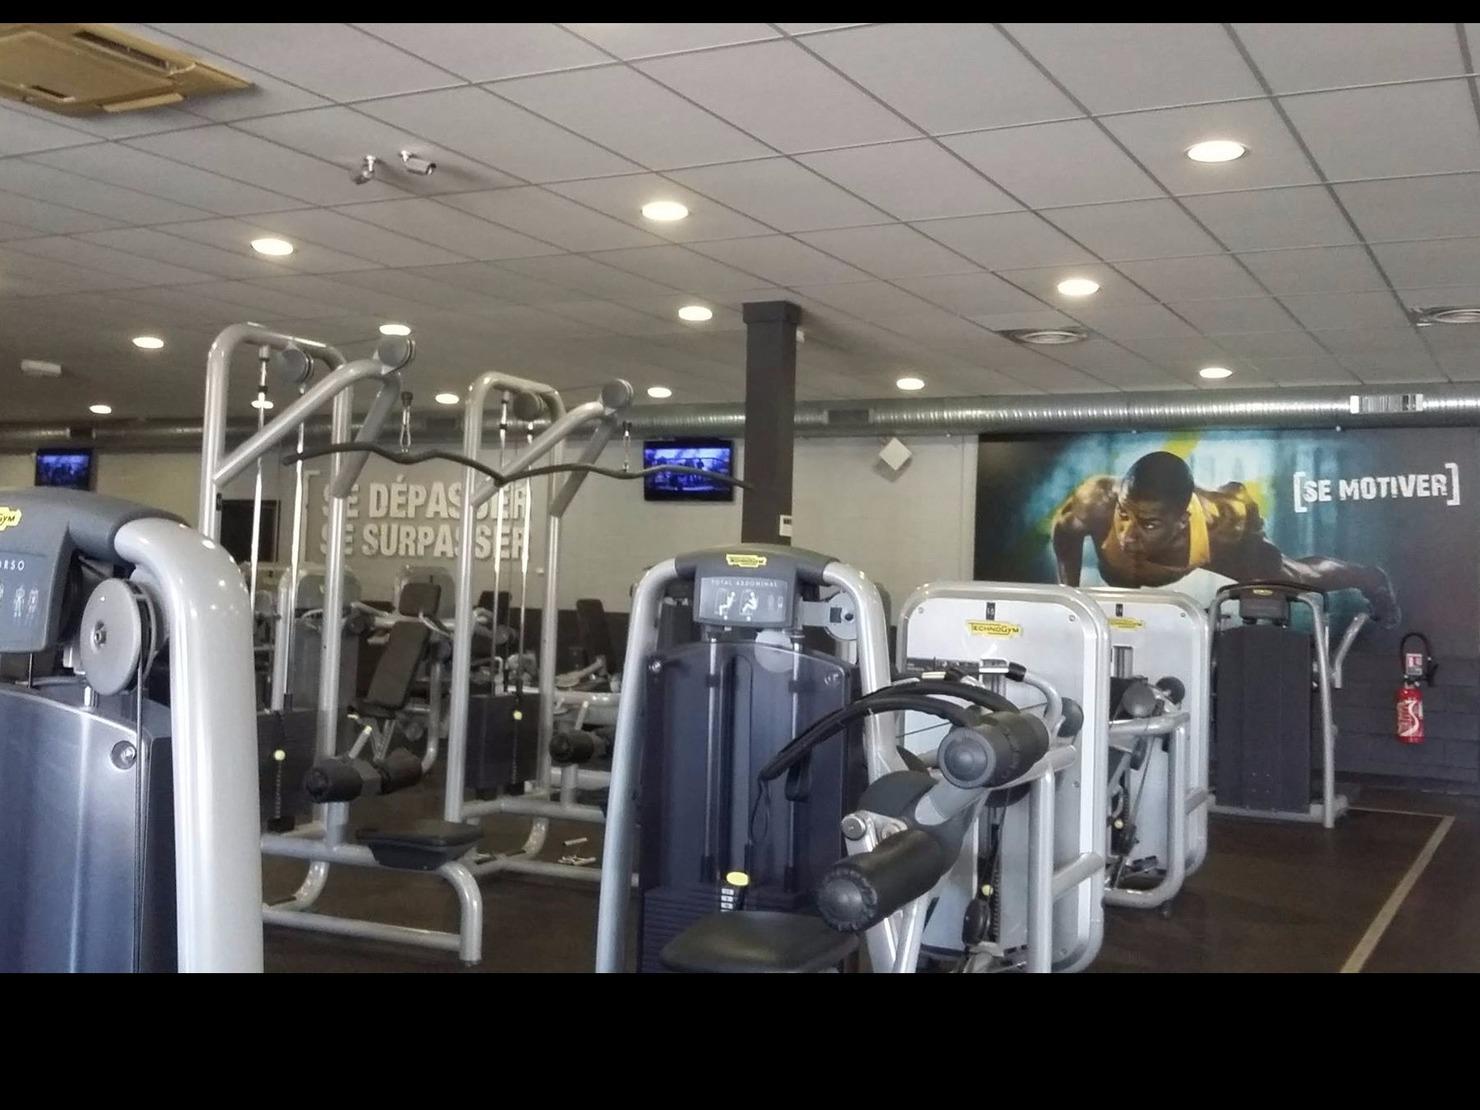 Fitness Park Villeneuve d'Ascq